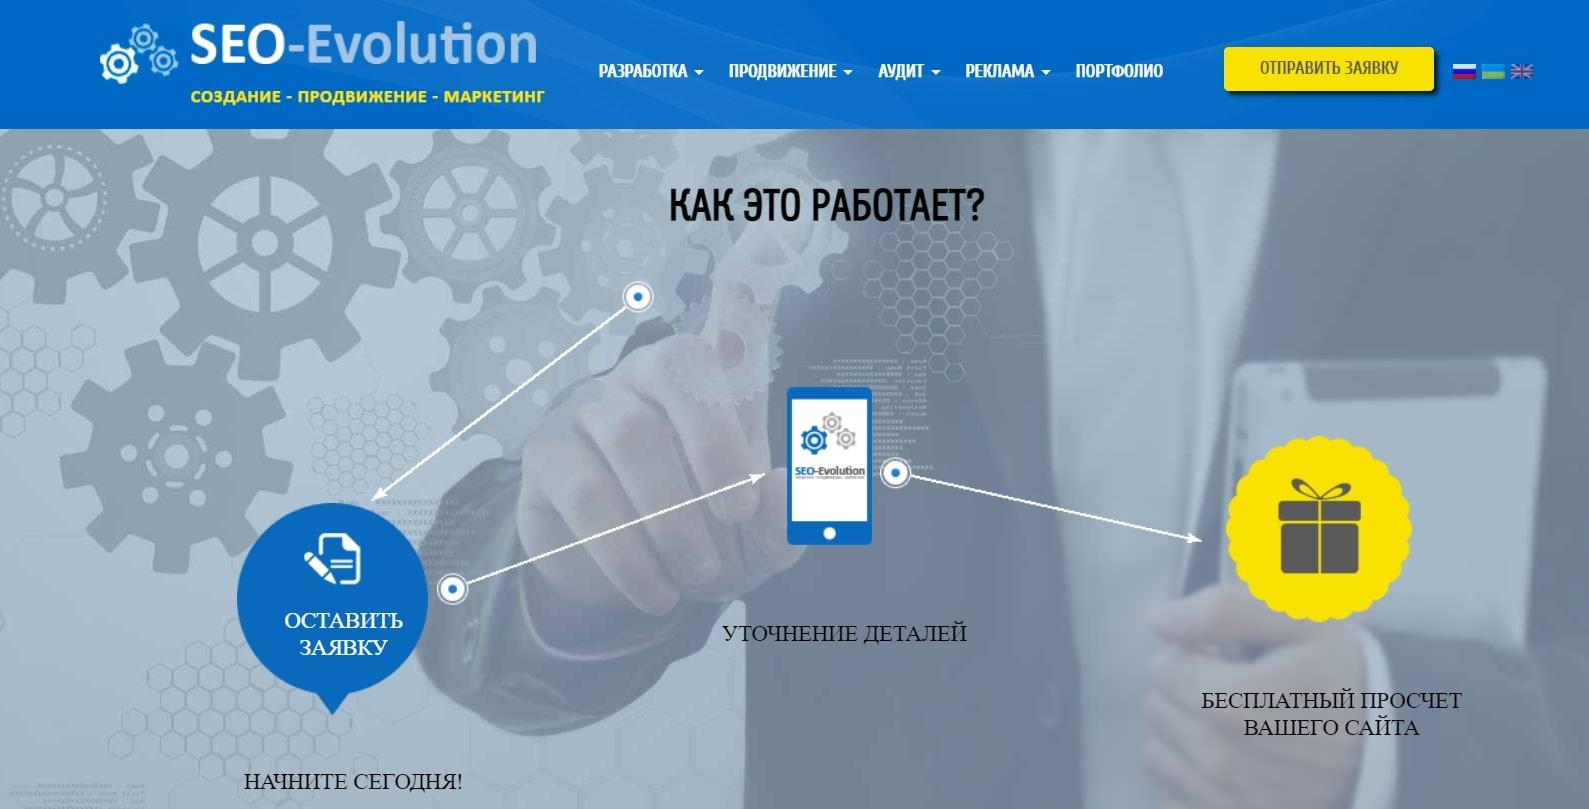 SEO-Evolution - обзор компании, услуги, отзывы, клиенты | Google SEO, Фото № 1 - google-seo.pro